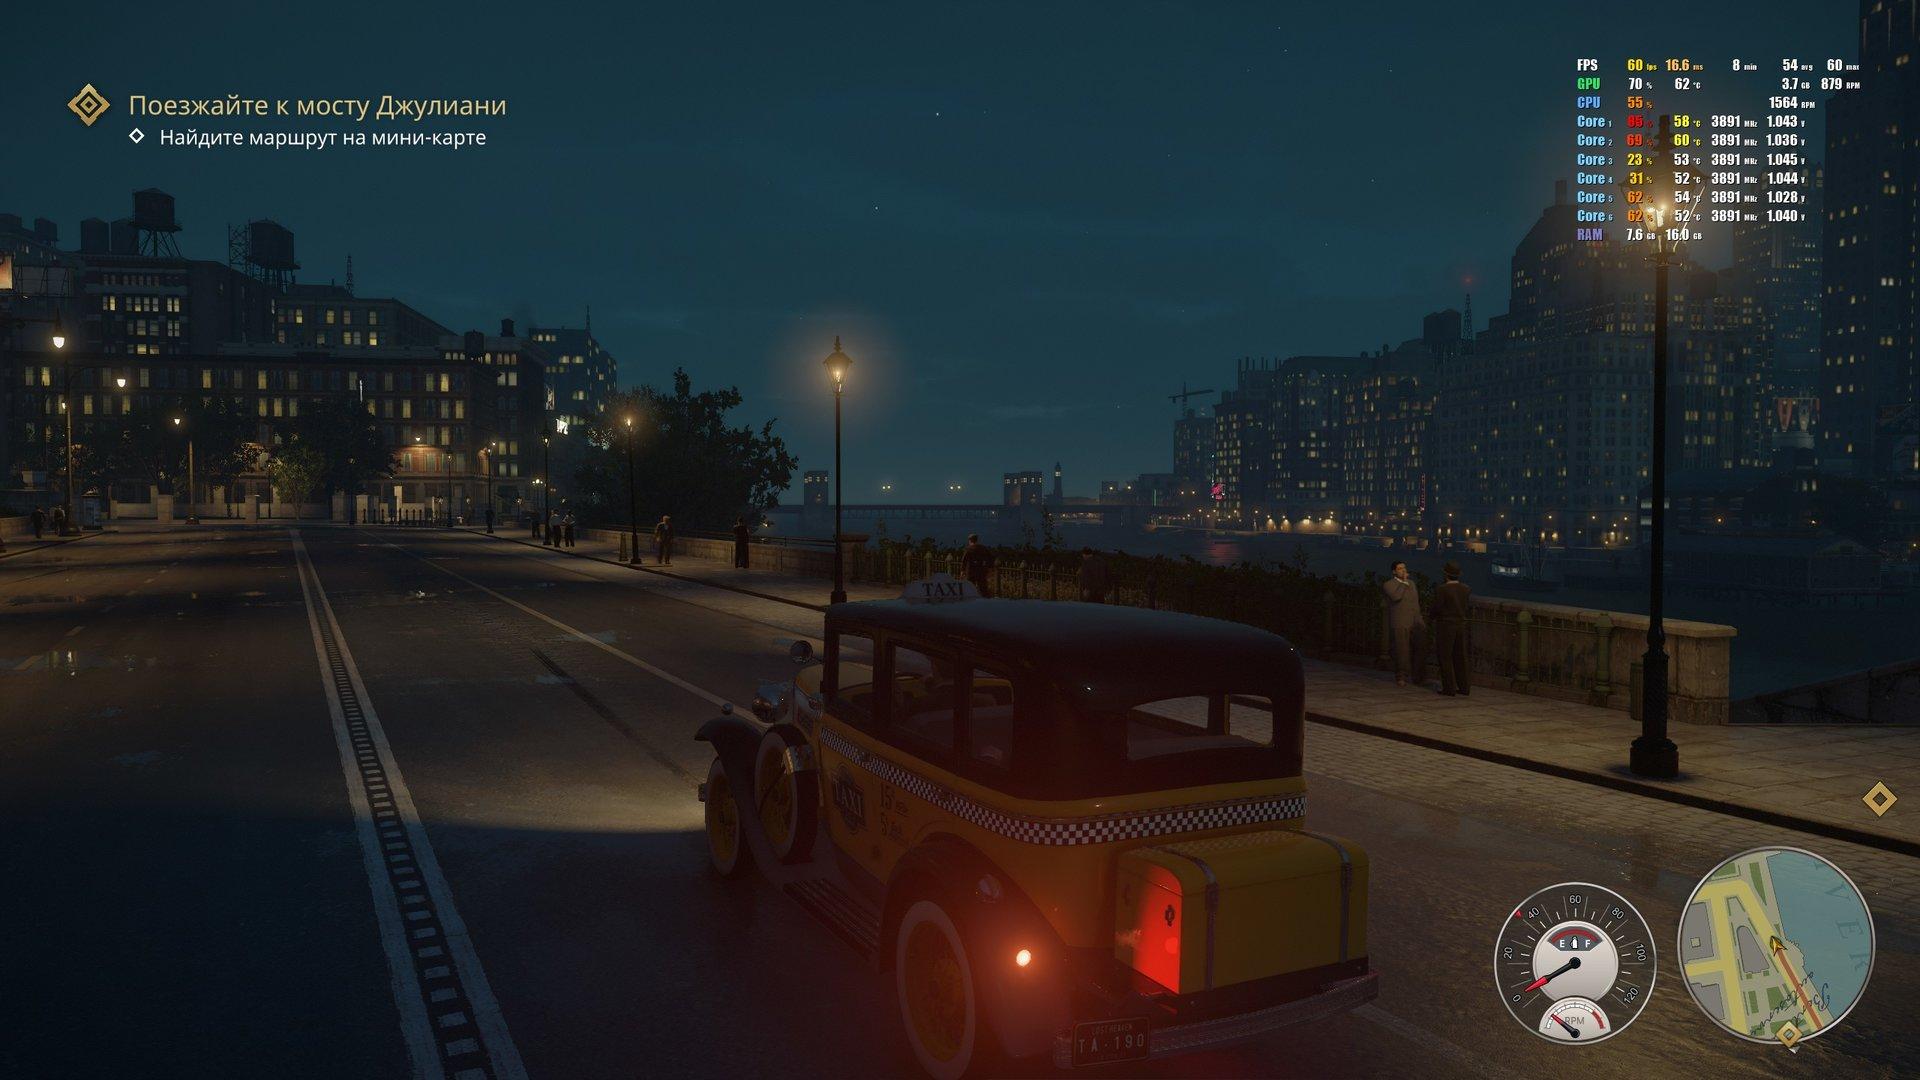 Mafia  Definitive Edition Screenshot 2020.10.31 - 19.30.45.22.jpg